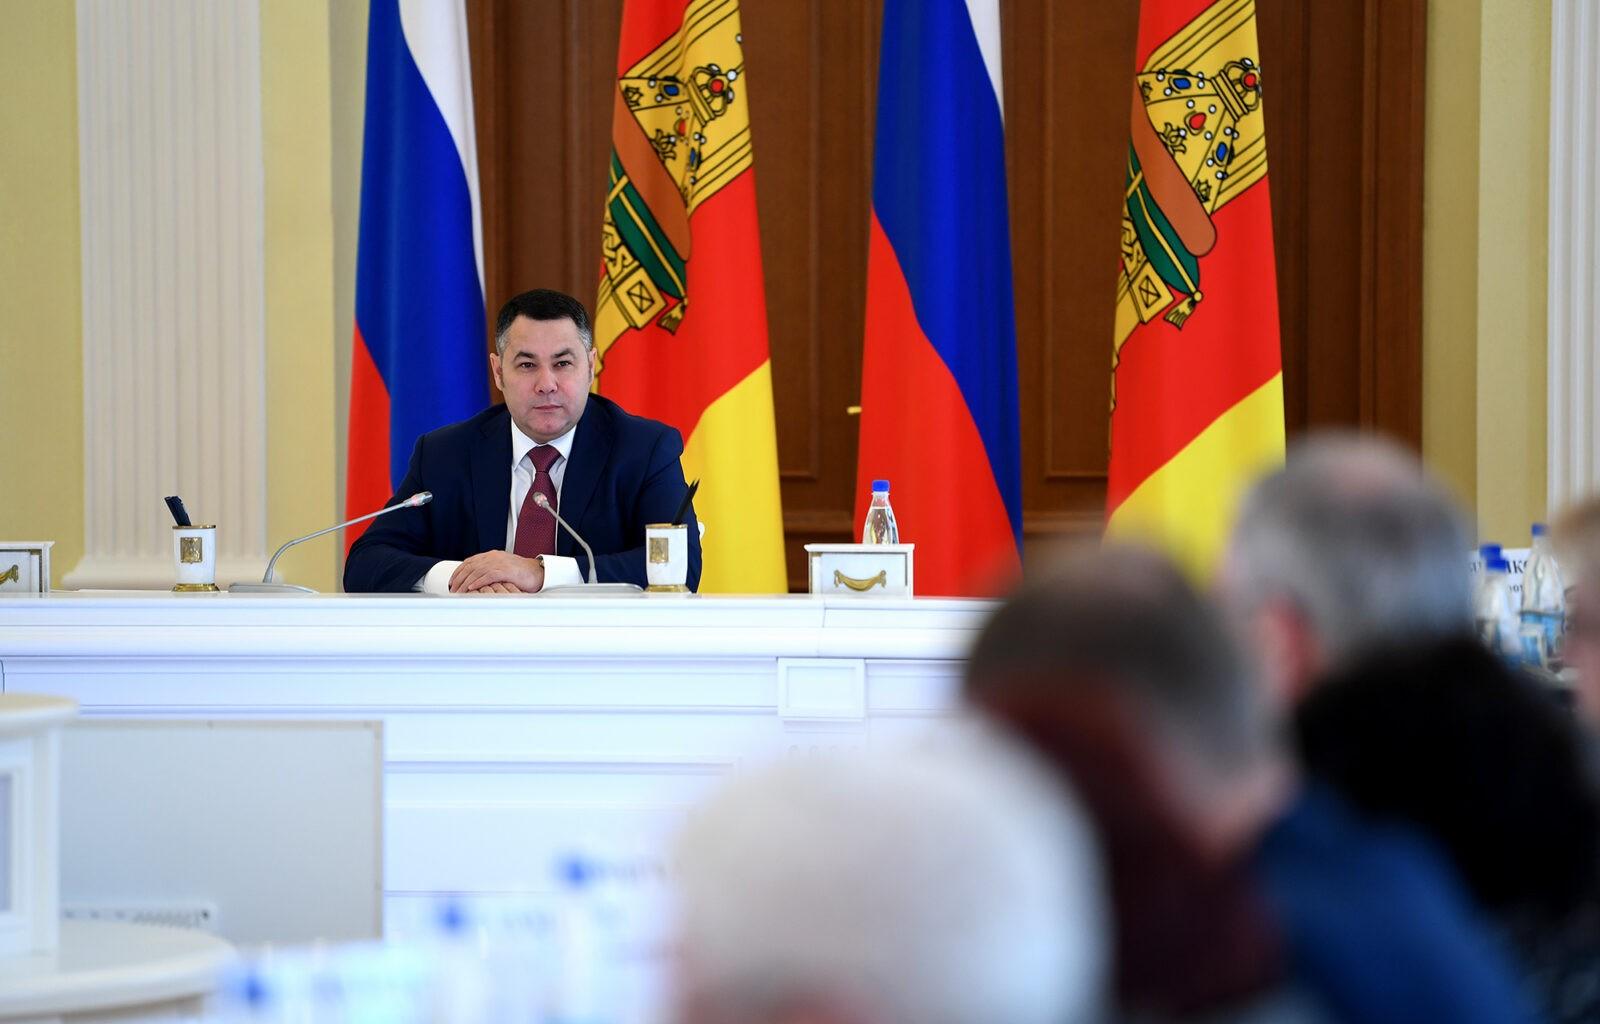 В Тверской области отремонтируют 226 объектов в учреждениях здравоохранения до 2024 года